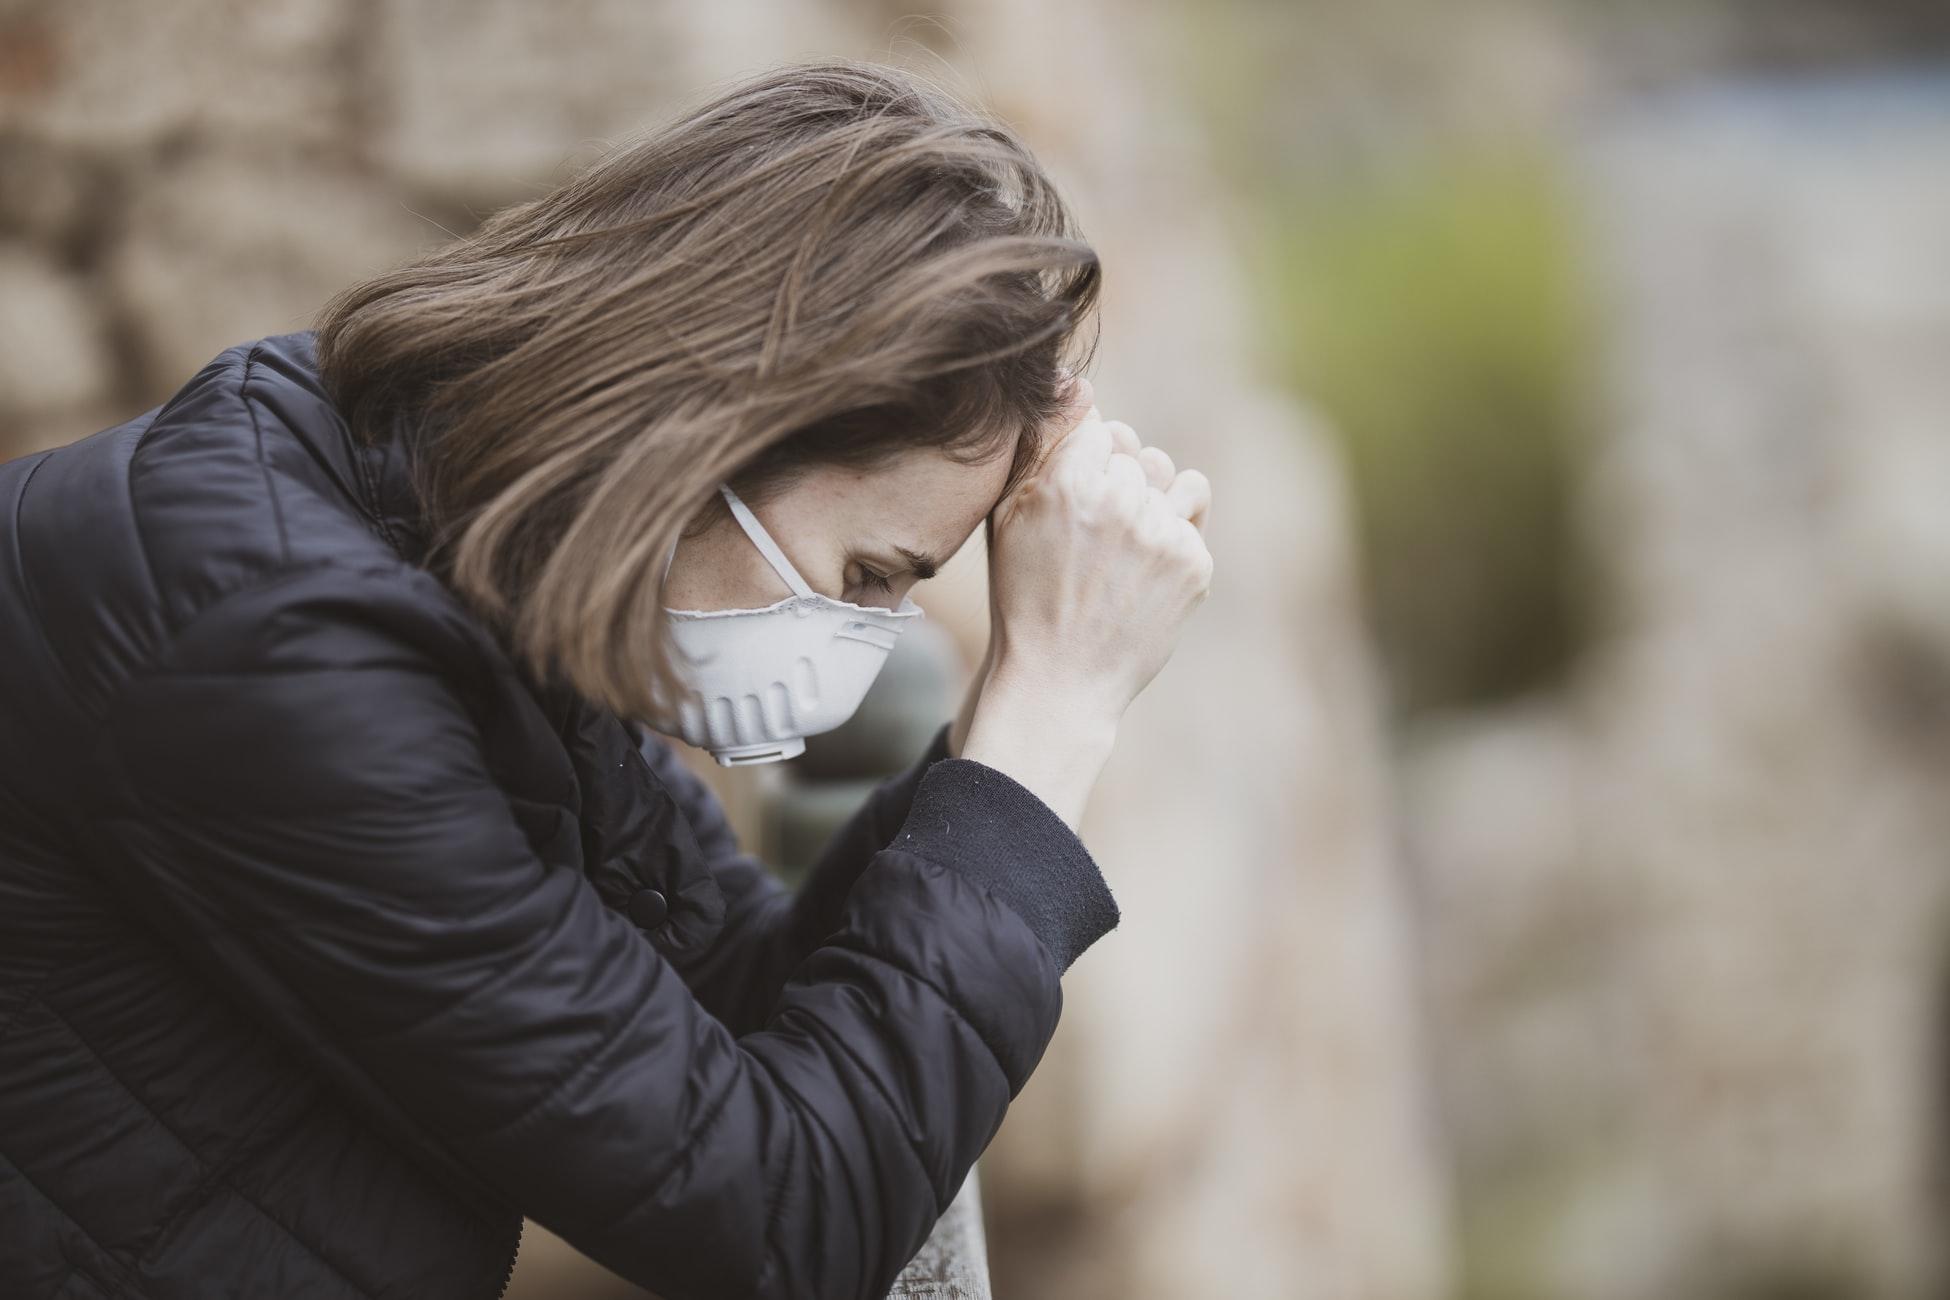 Reduce Stress During Coronavirus